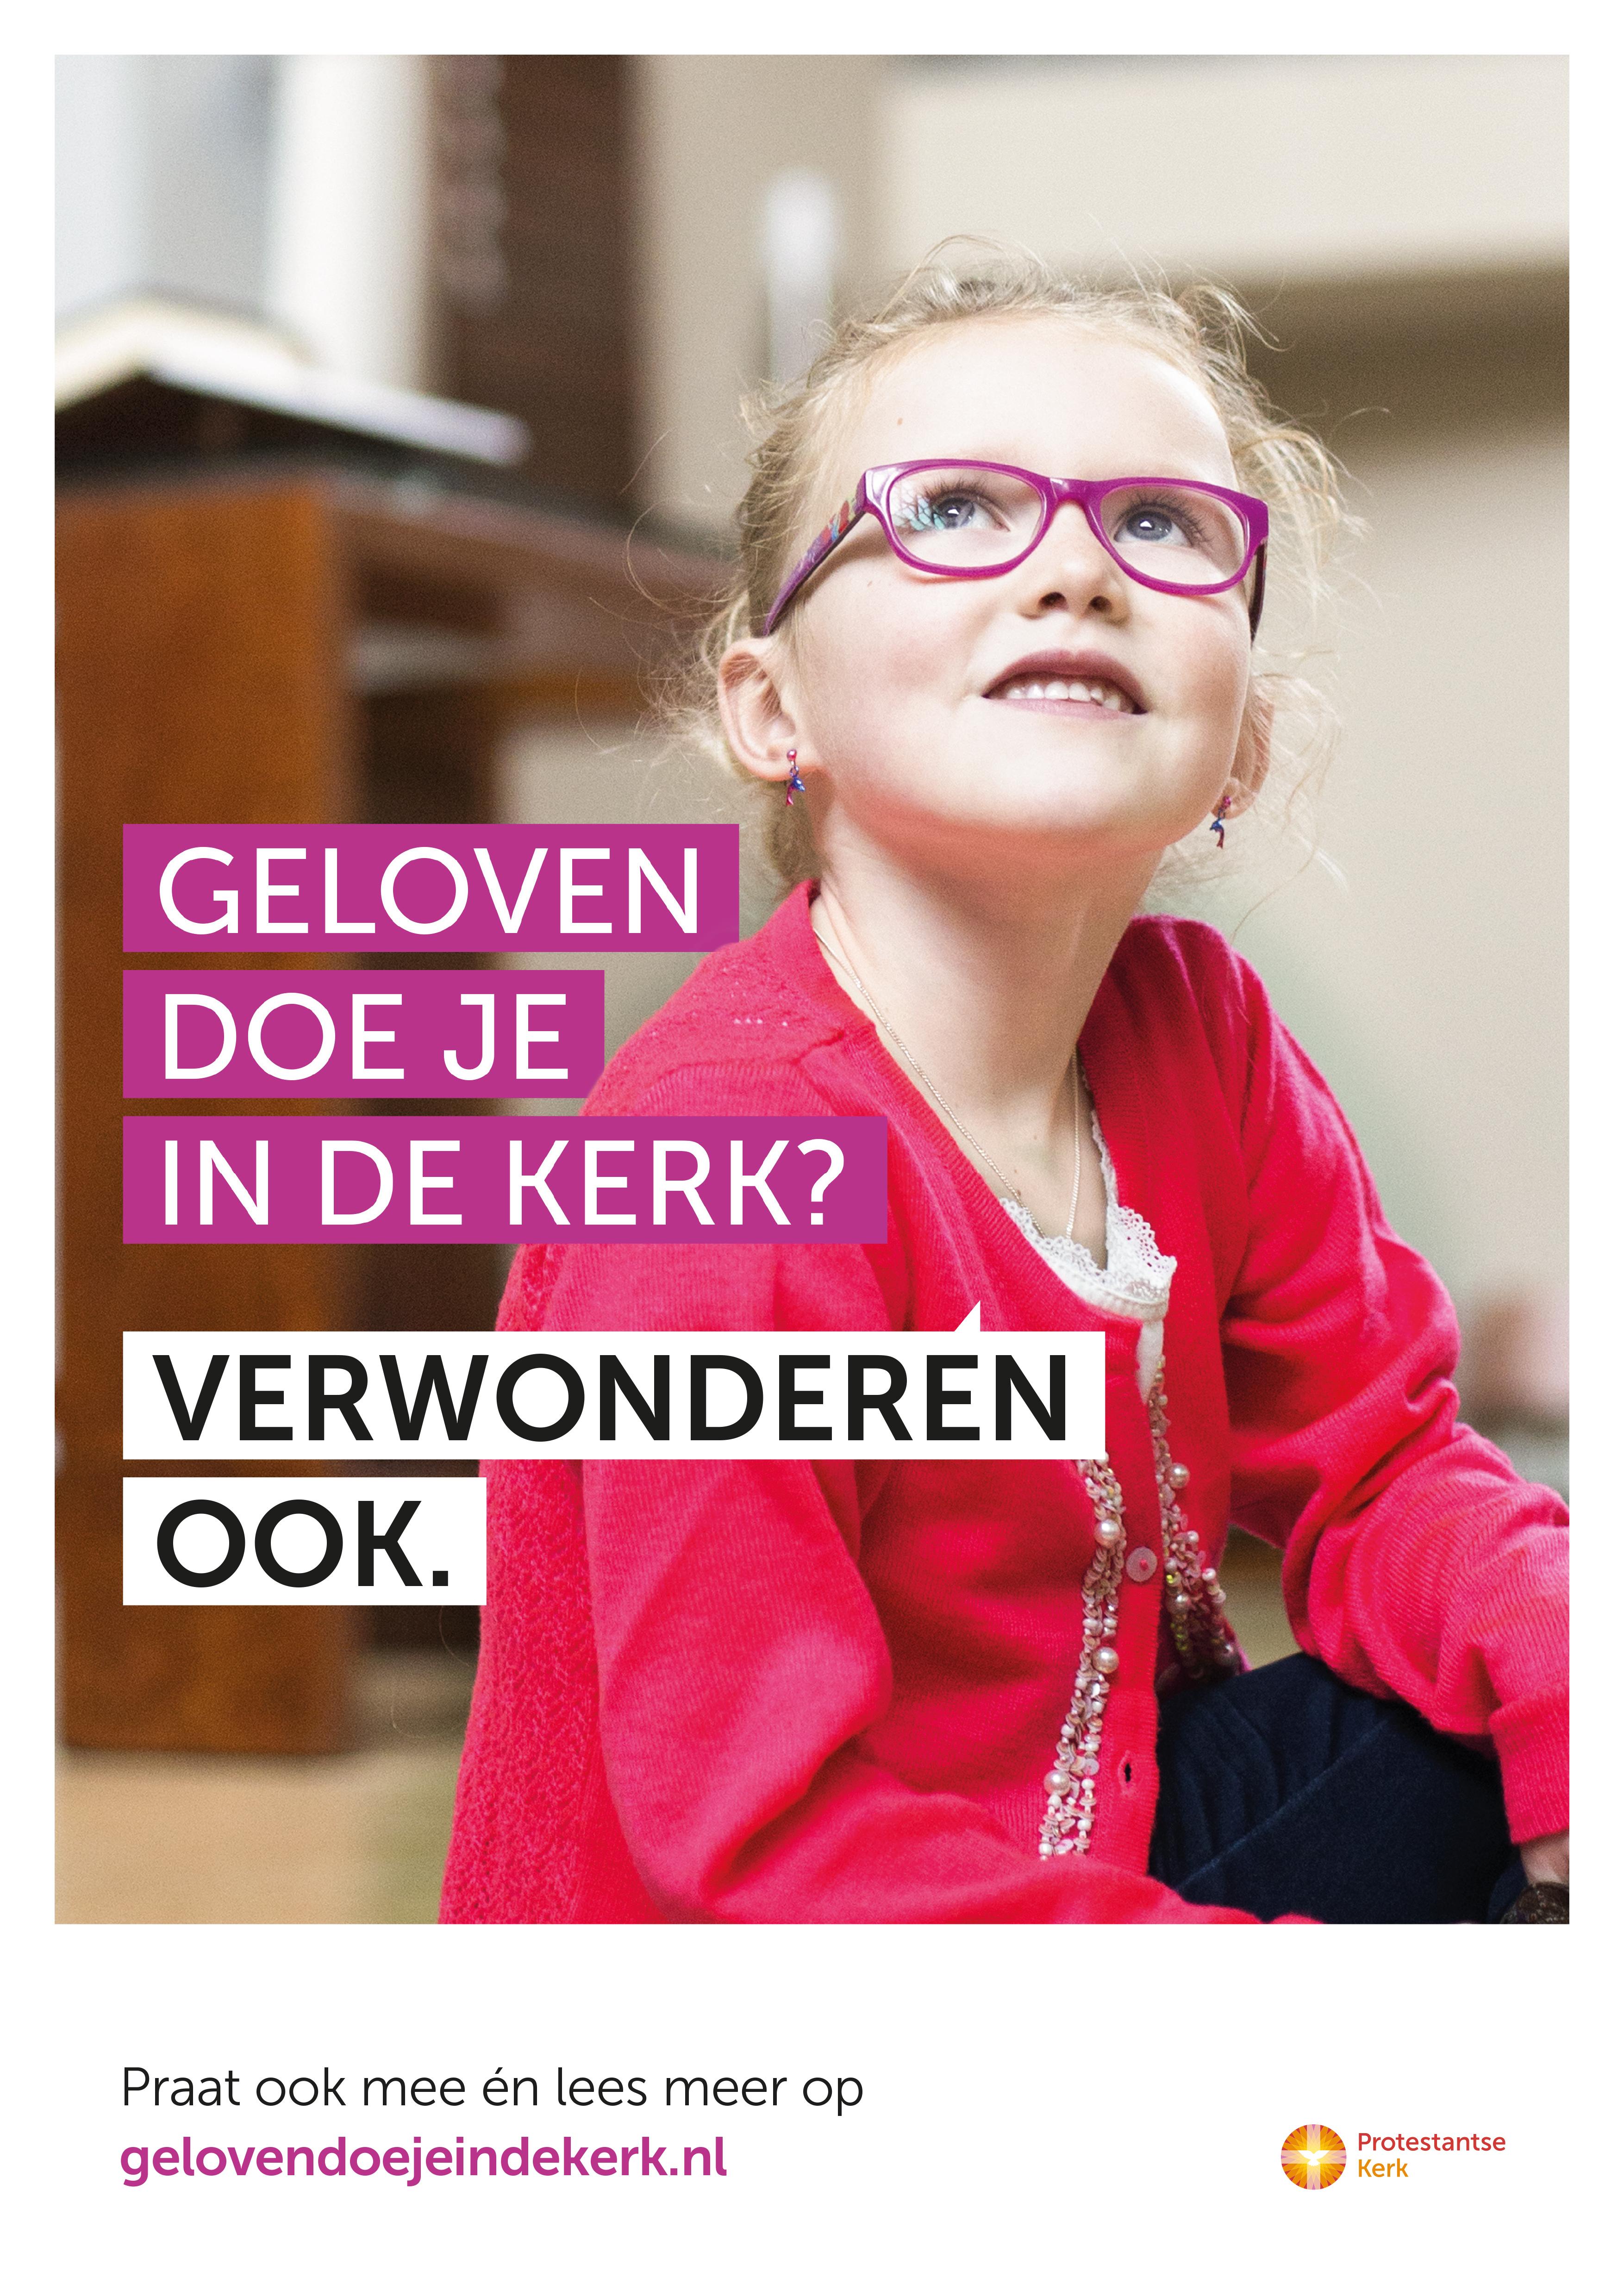 http://pkn-gravenpolder.nl/wp-content/uploads/2017/01/Print_Mara.jpg